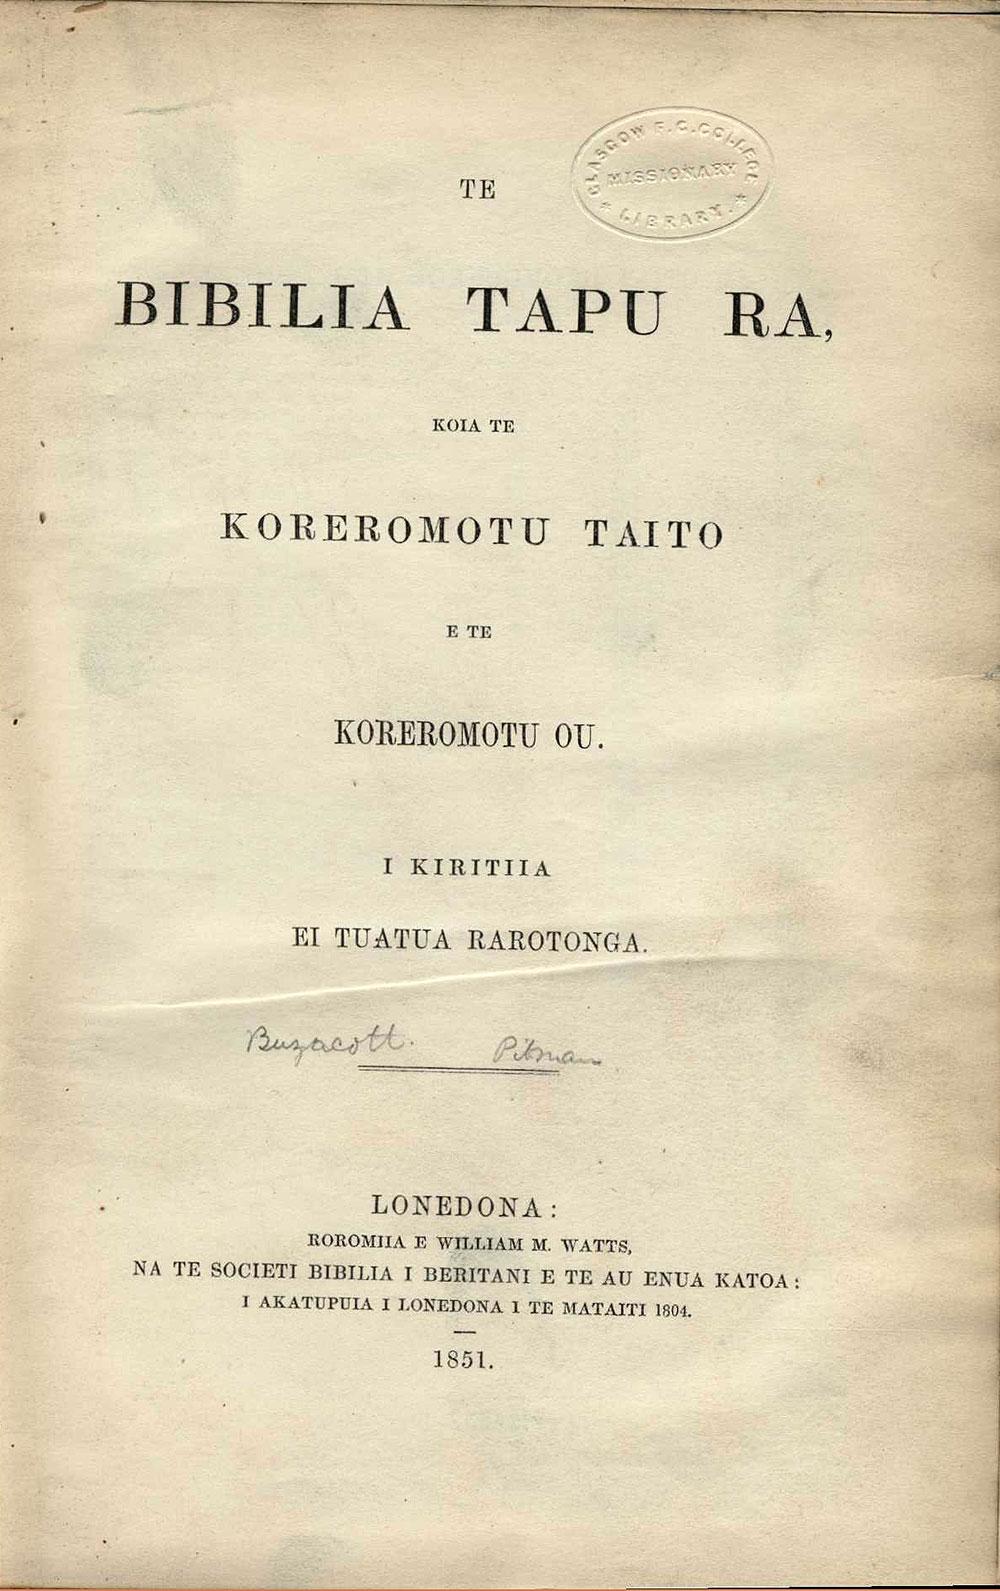 [Bible in Rarotongan]. <em>Te Bibilia tapu ra: koia te Koreromotu Taito e te Koreromotu Ou.</em> Lonedona: Societi Bibilia i Beritani e te au Enua Katoa, 1851.